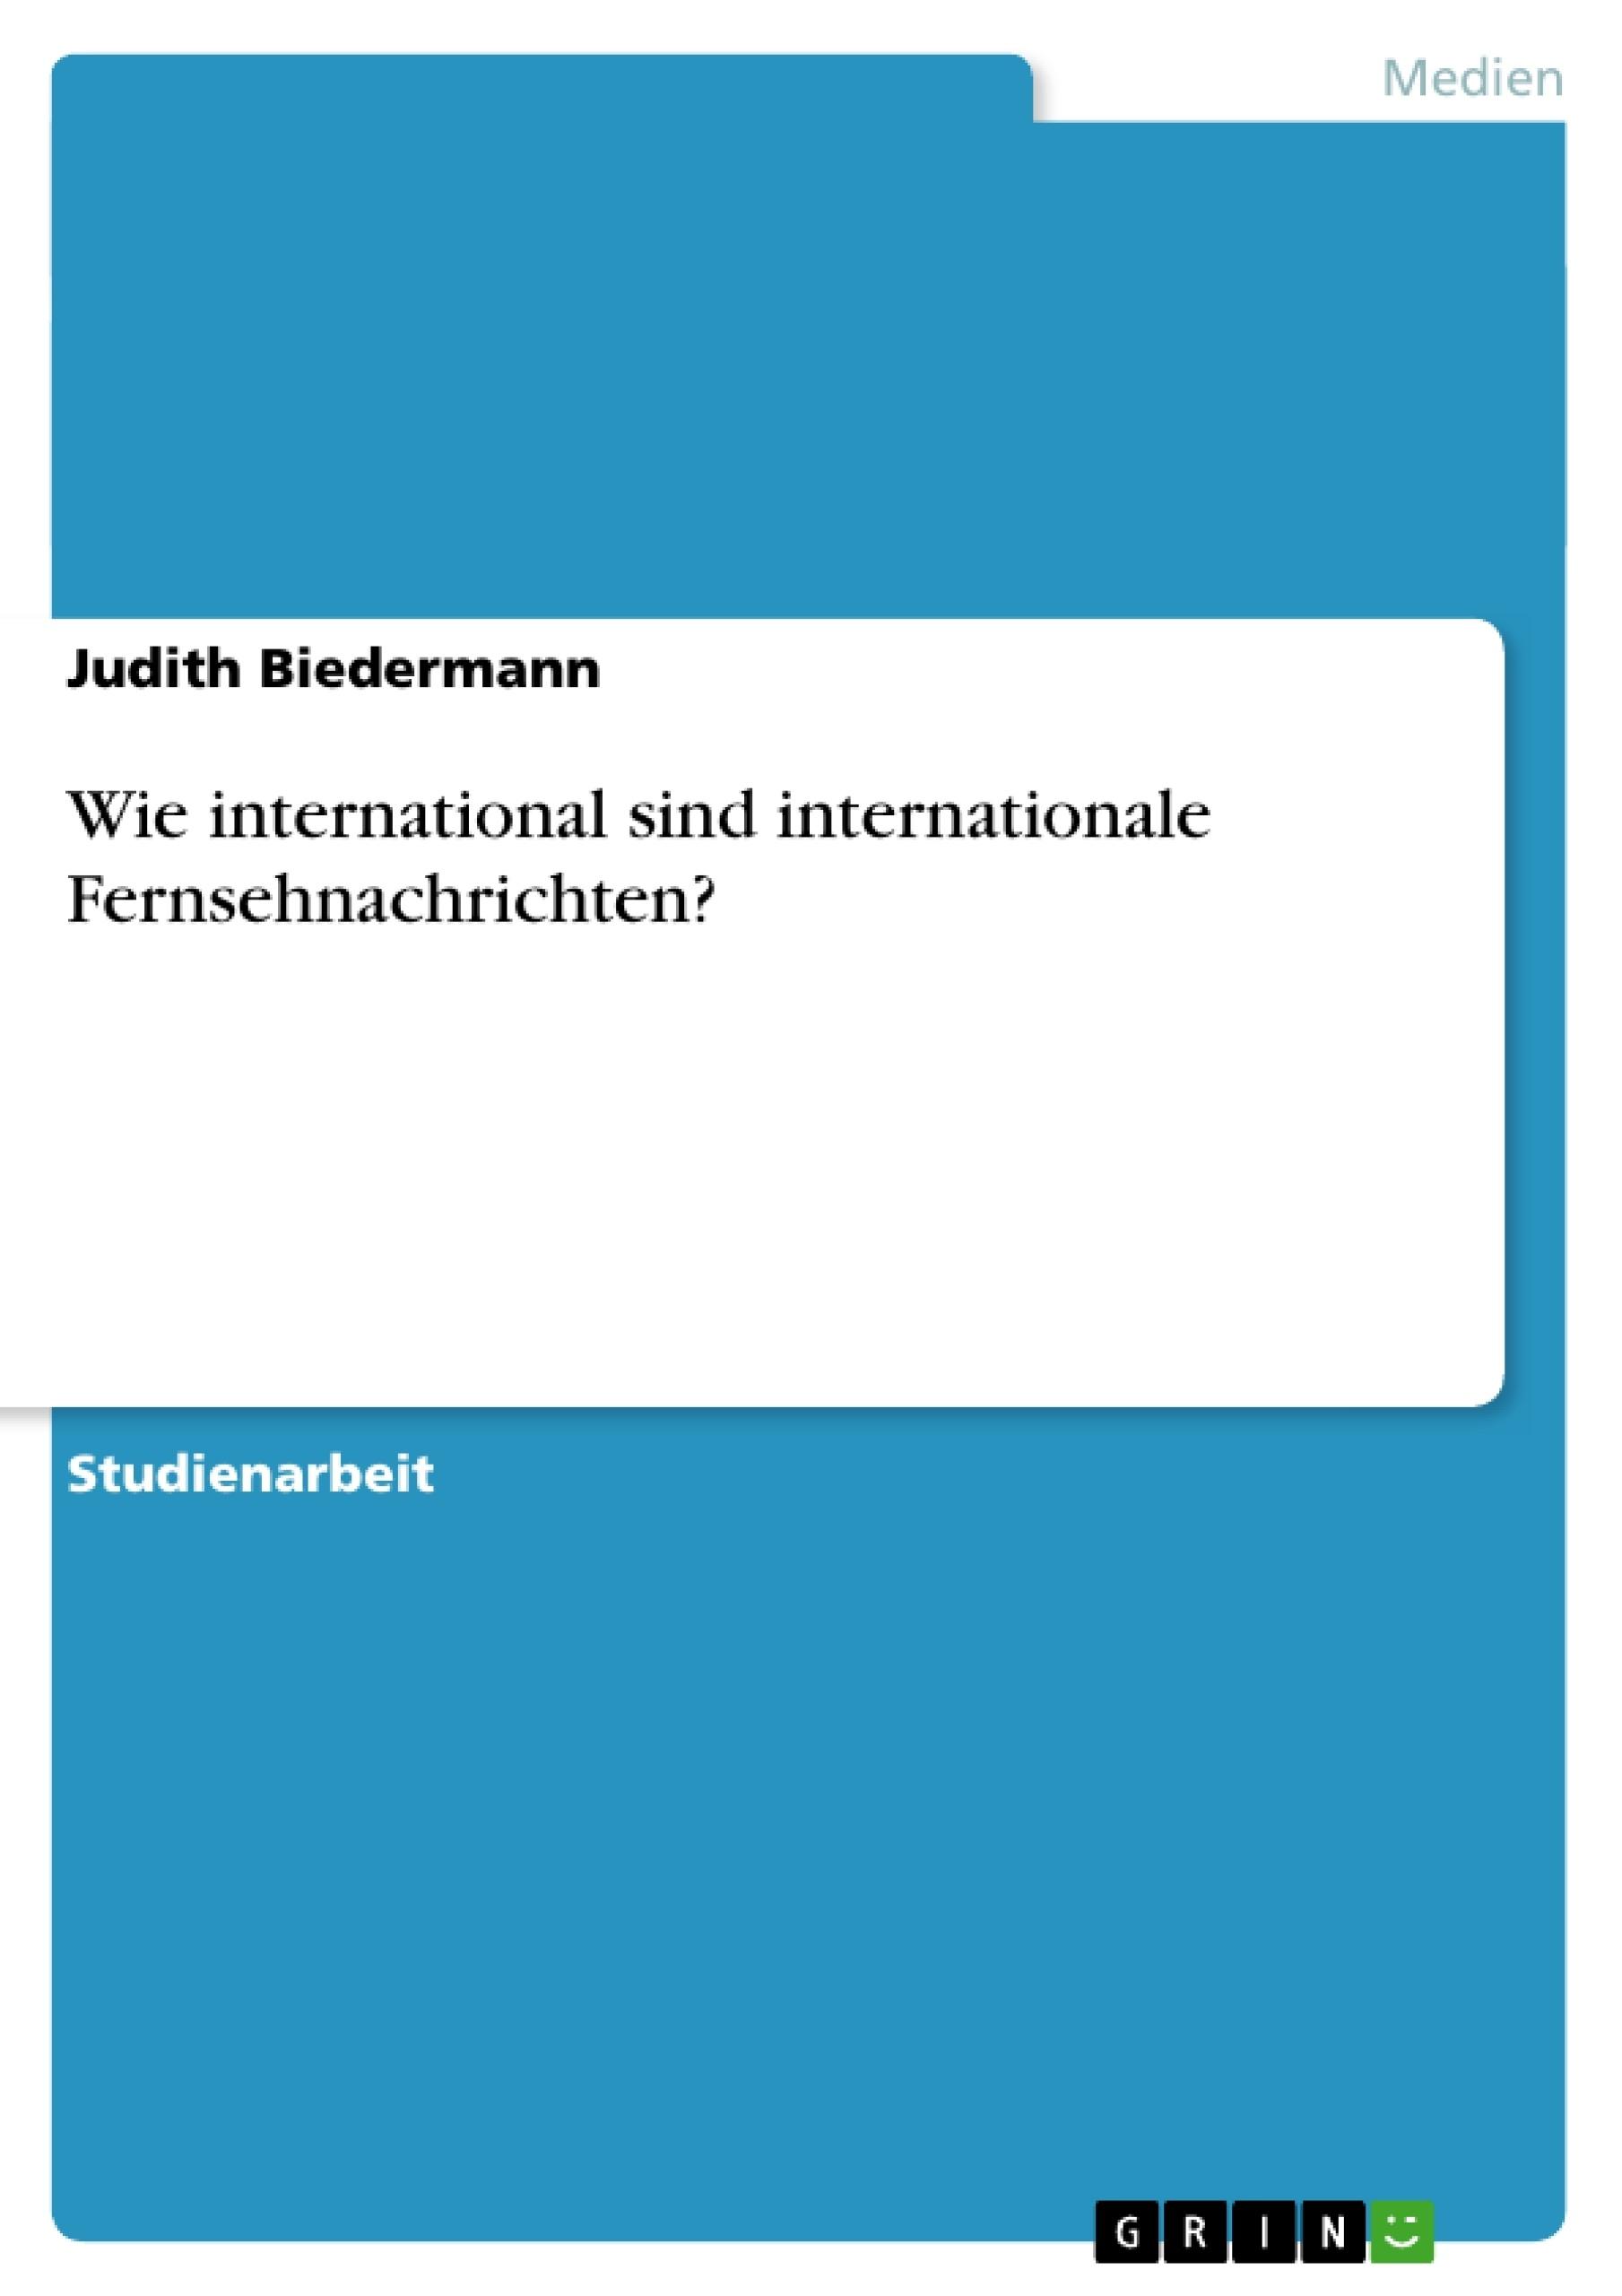 Titel: Wie international sind internationale Fernsehnachrichten?